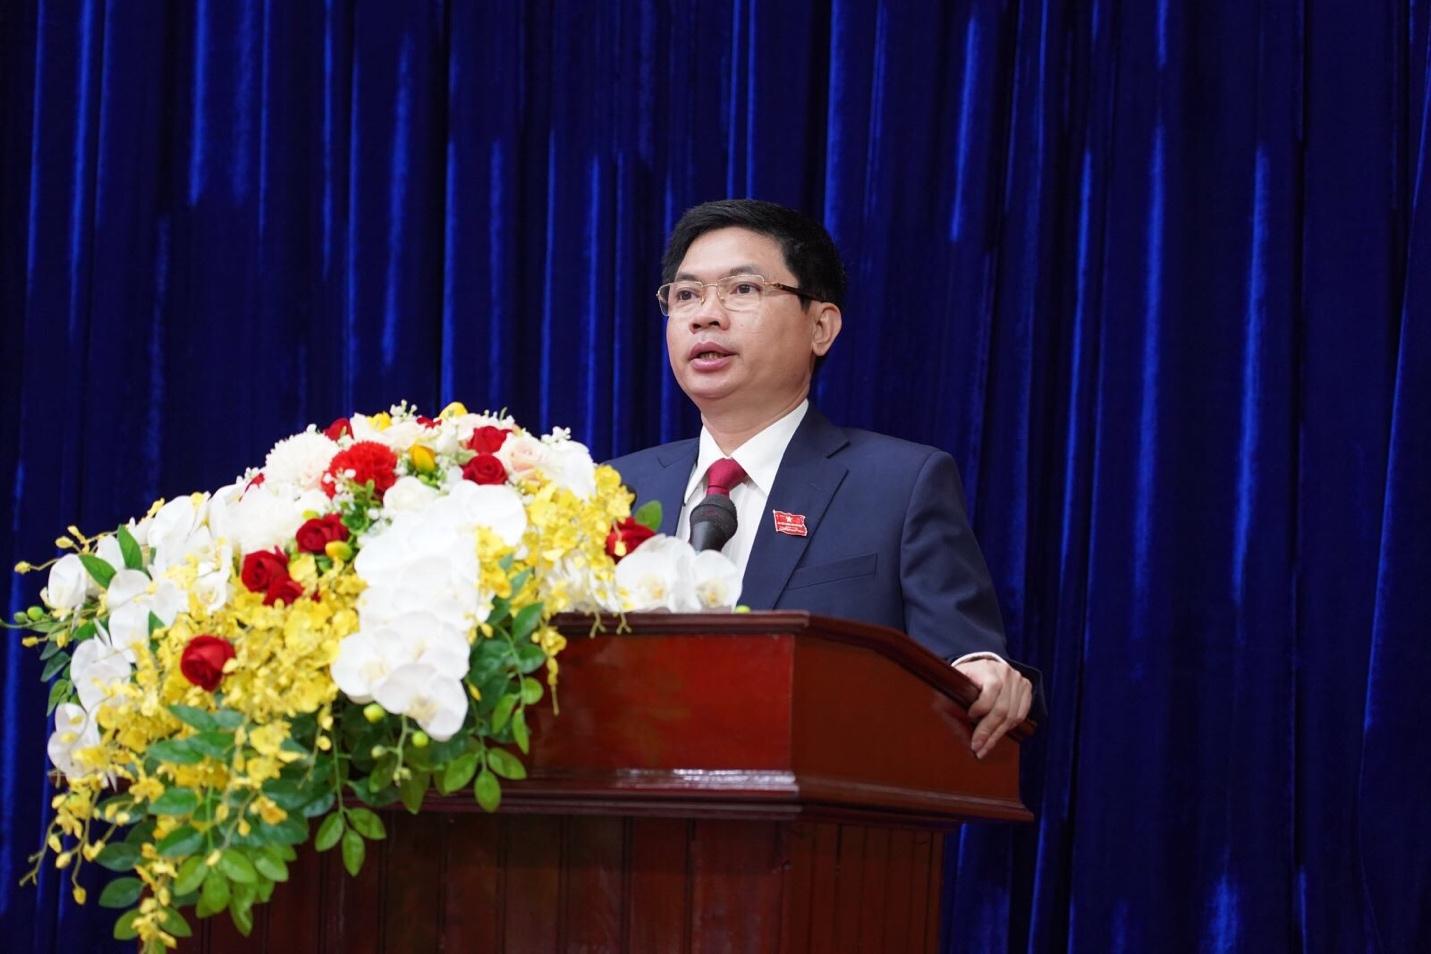 """Chủ tịch UBND tỉnh Hà Nam Trương Quốc Huy: """"Hà Nam sẽ kêu gọi các nhà đầu tư có kinh nghiệm, tiềm năng về đầu tư phát triển nhà ở xã hội"""""""